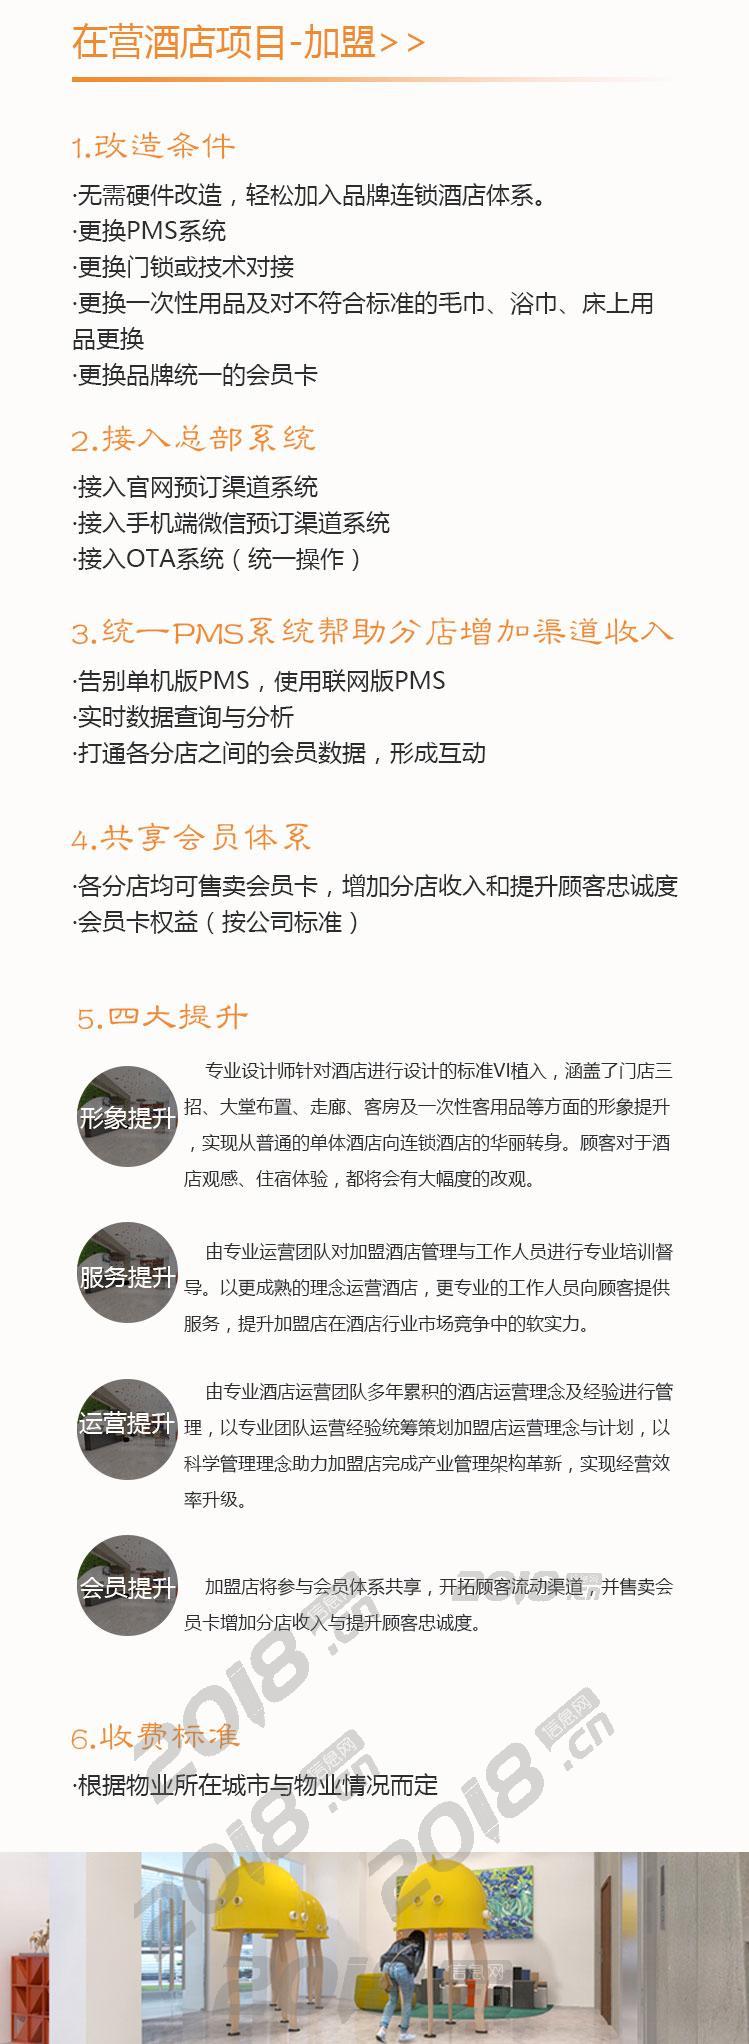 深圳阿拉卓盈全河源地区加盟招商推广简介